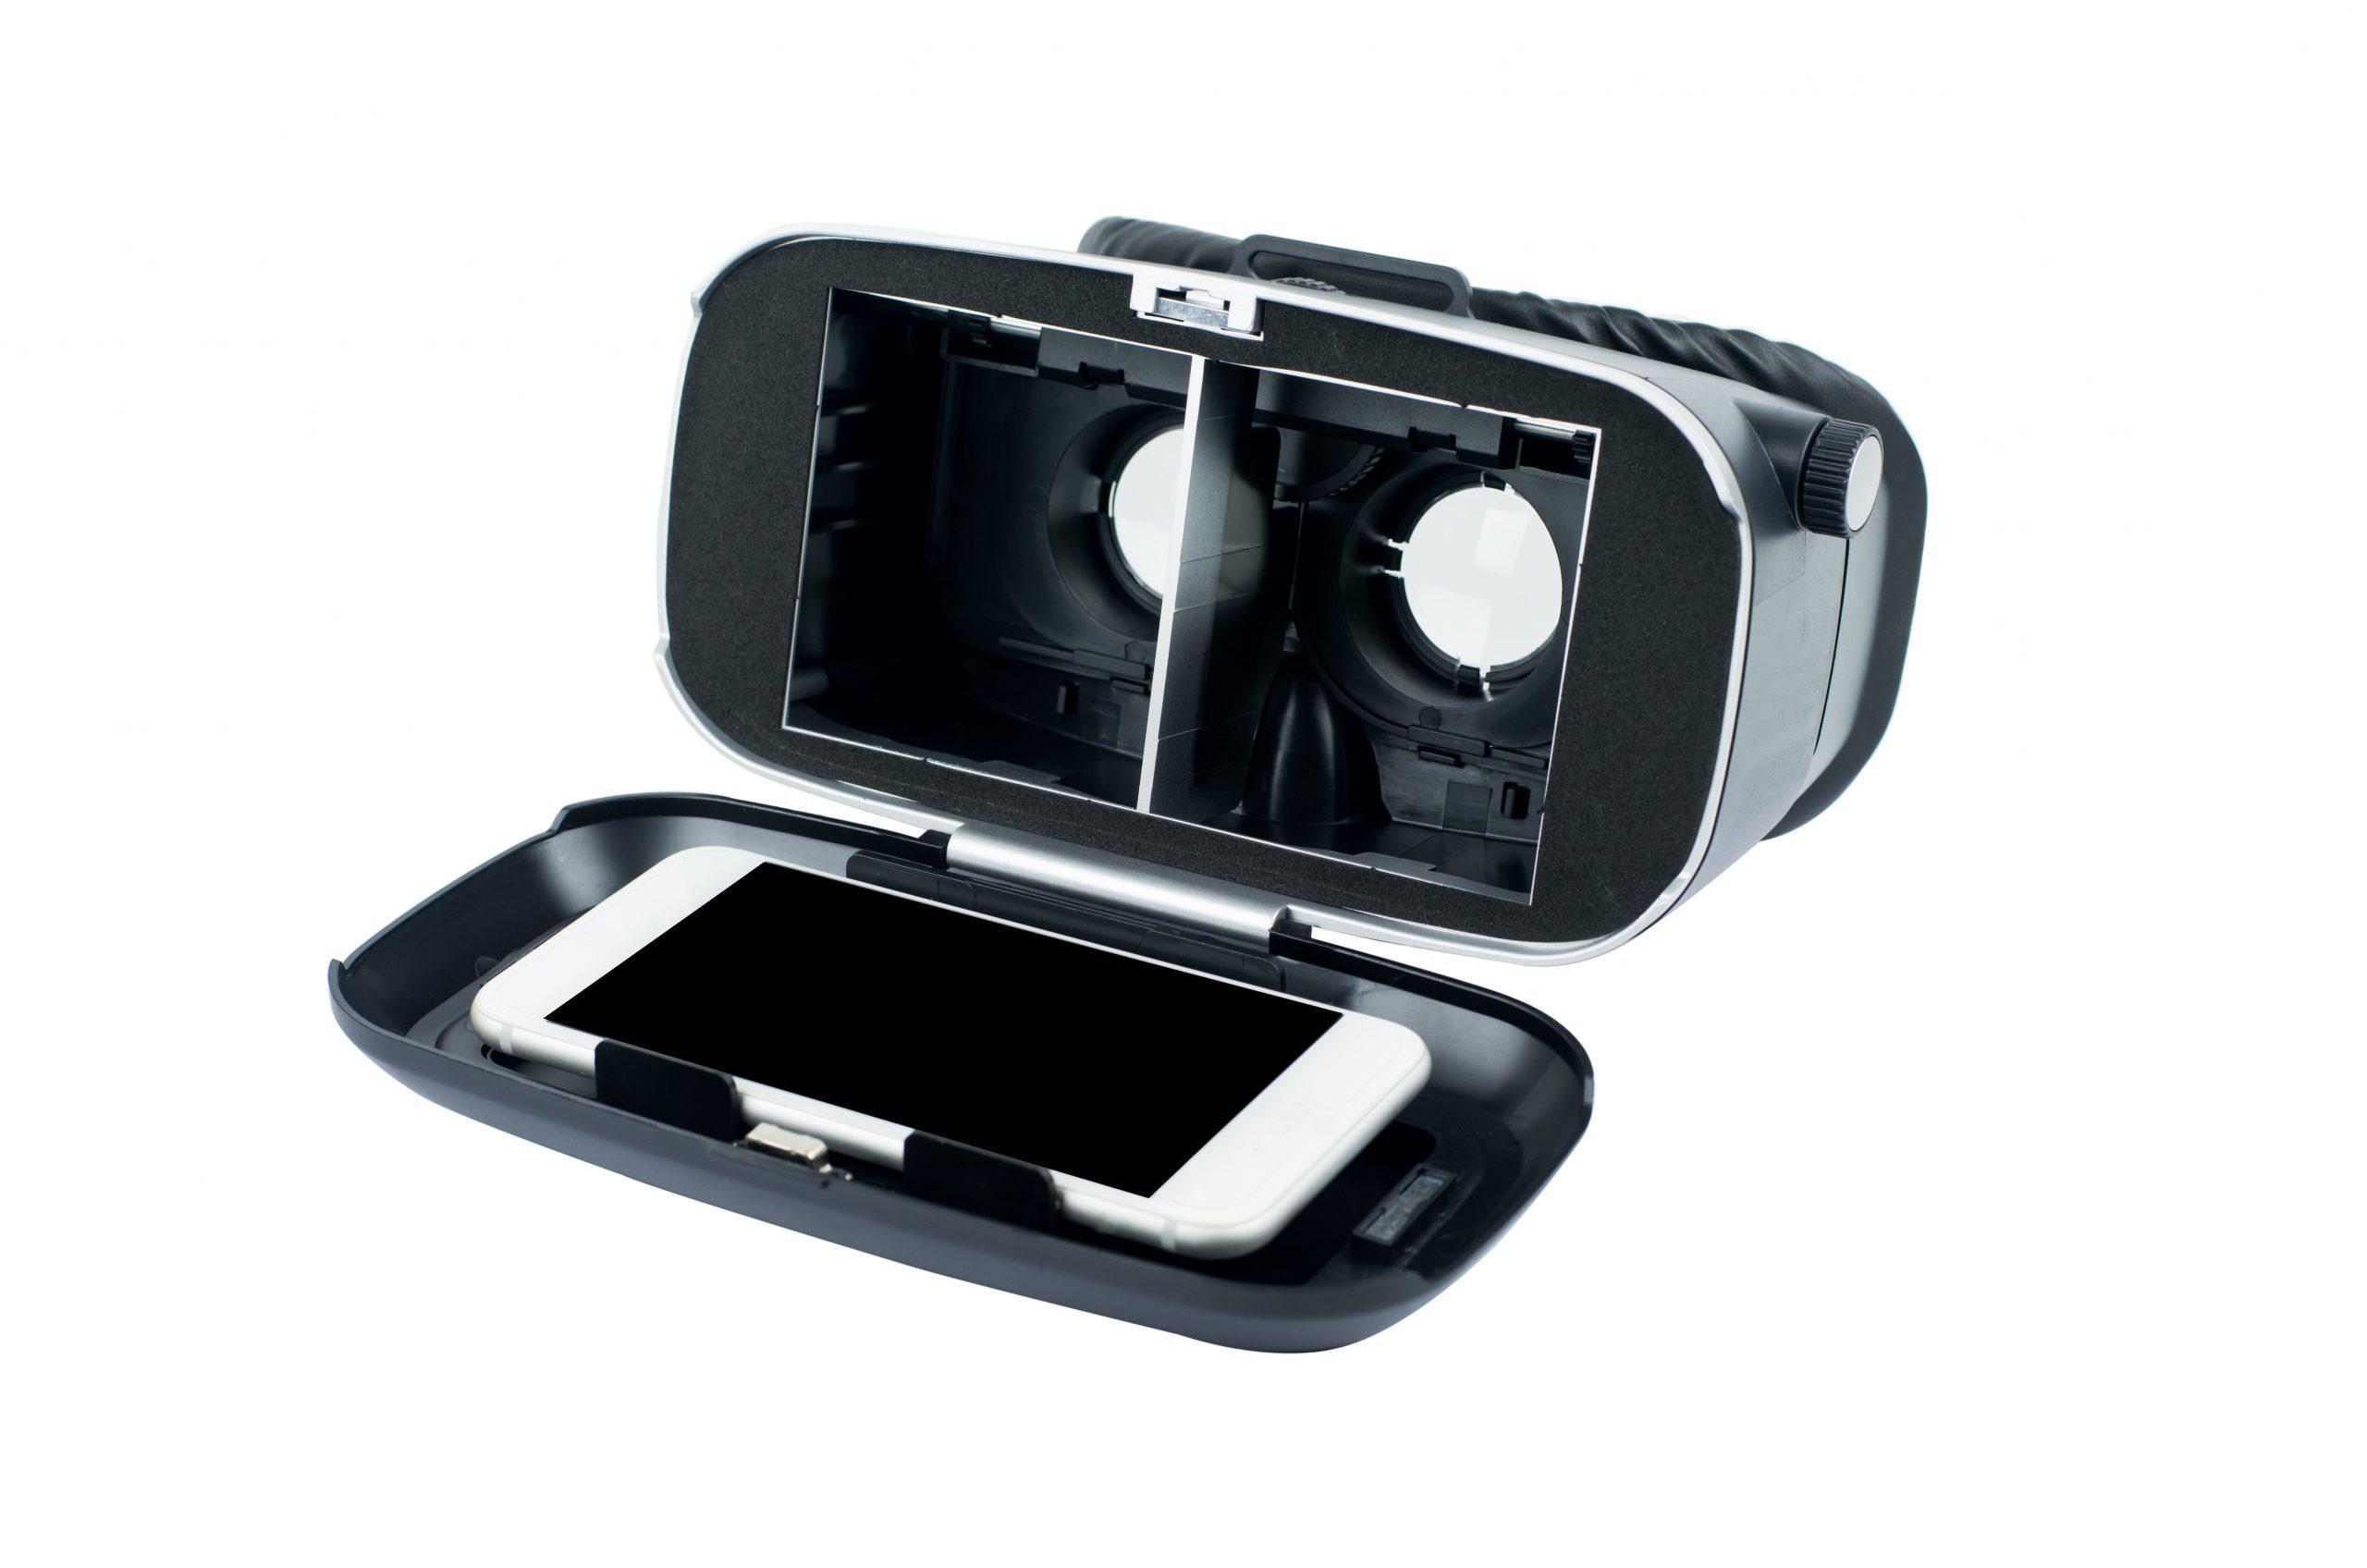 Kompatibel mit gängigen Smartphones